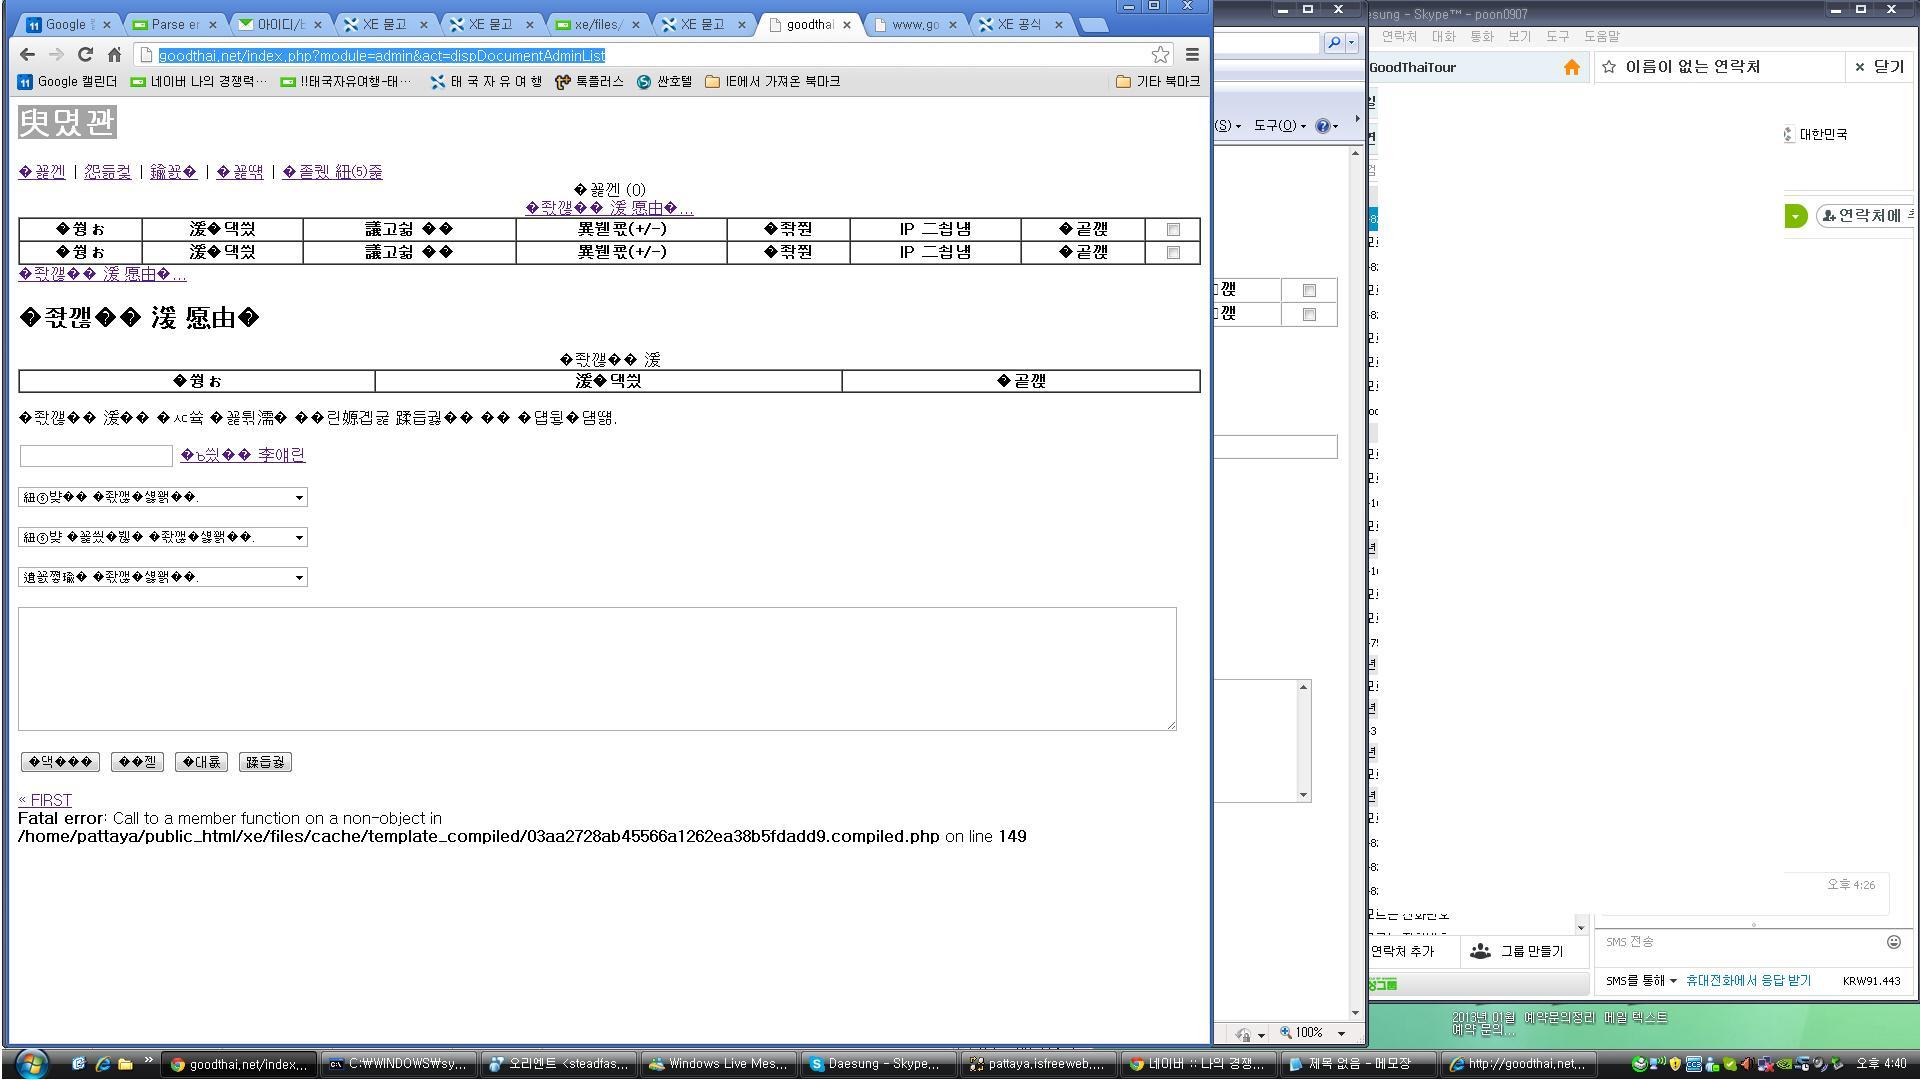 포맷변환_123123.jpg